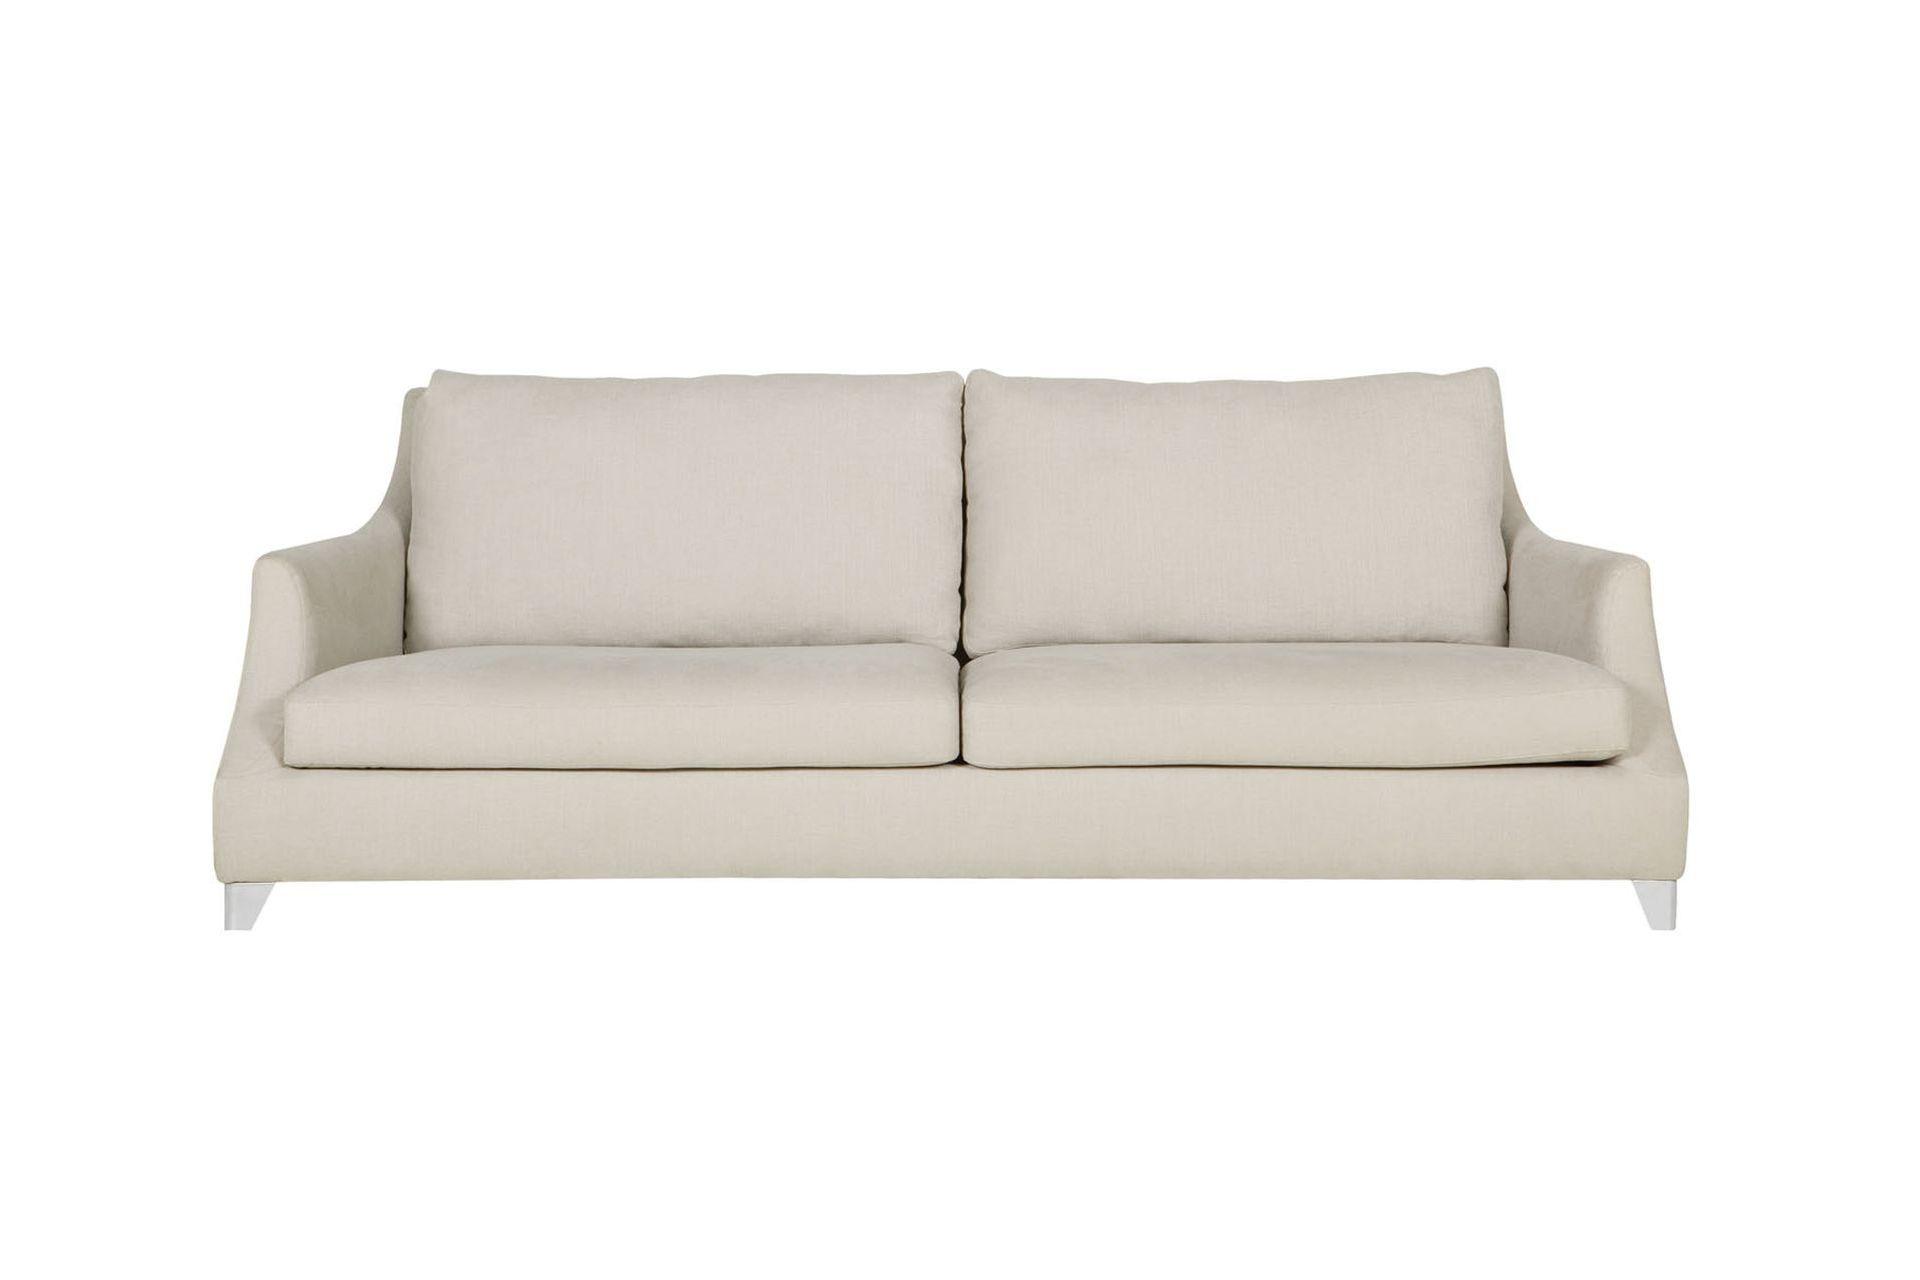 Диван RoseТрехместные диваны<br>Благодаря простым линиям, диваны ROSE выглядят классическими и элегантными. Однако использование в дизайне металлических ножек добавляет им нотки новизны, стиля и современности.